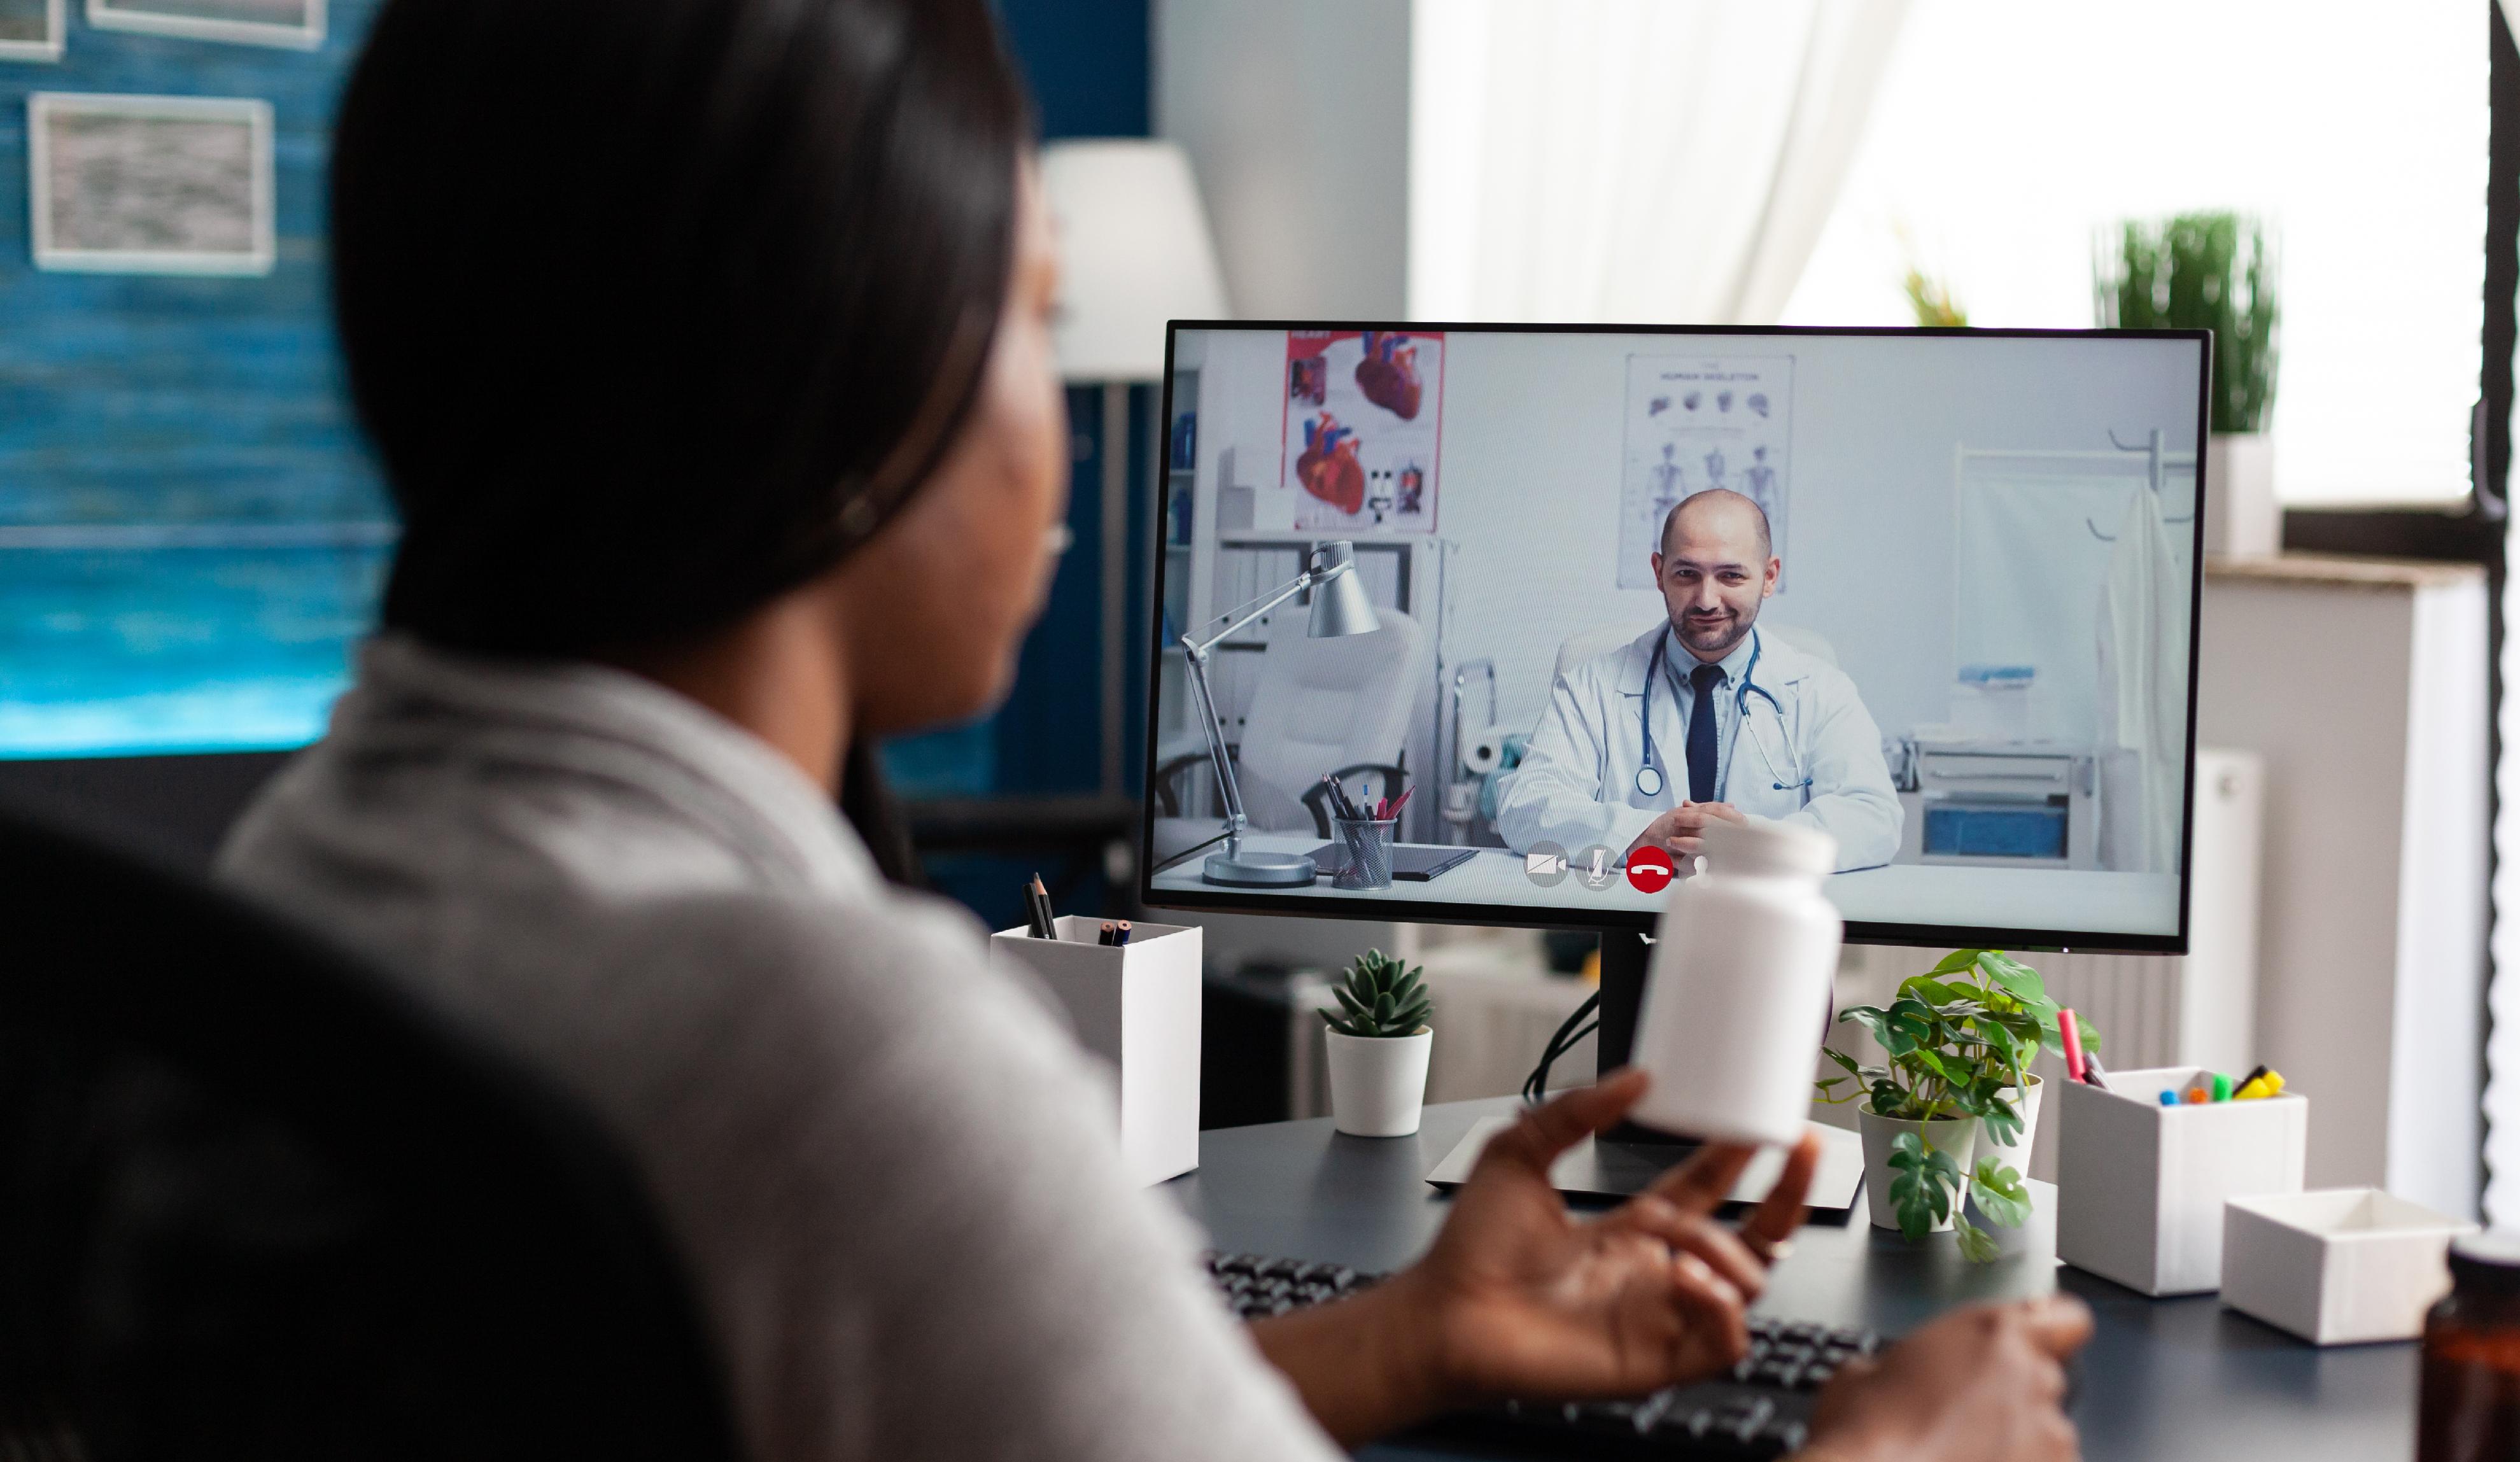 La telemedicina permite monitorear a pacientes con covid